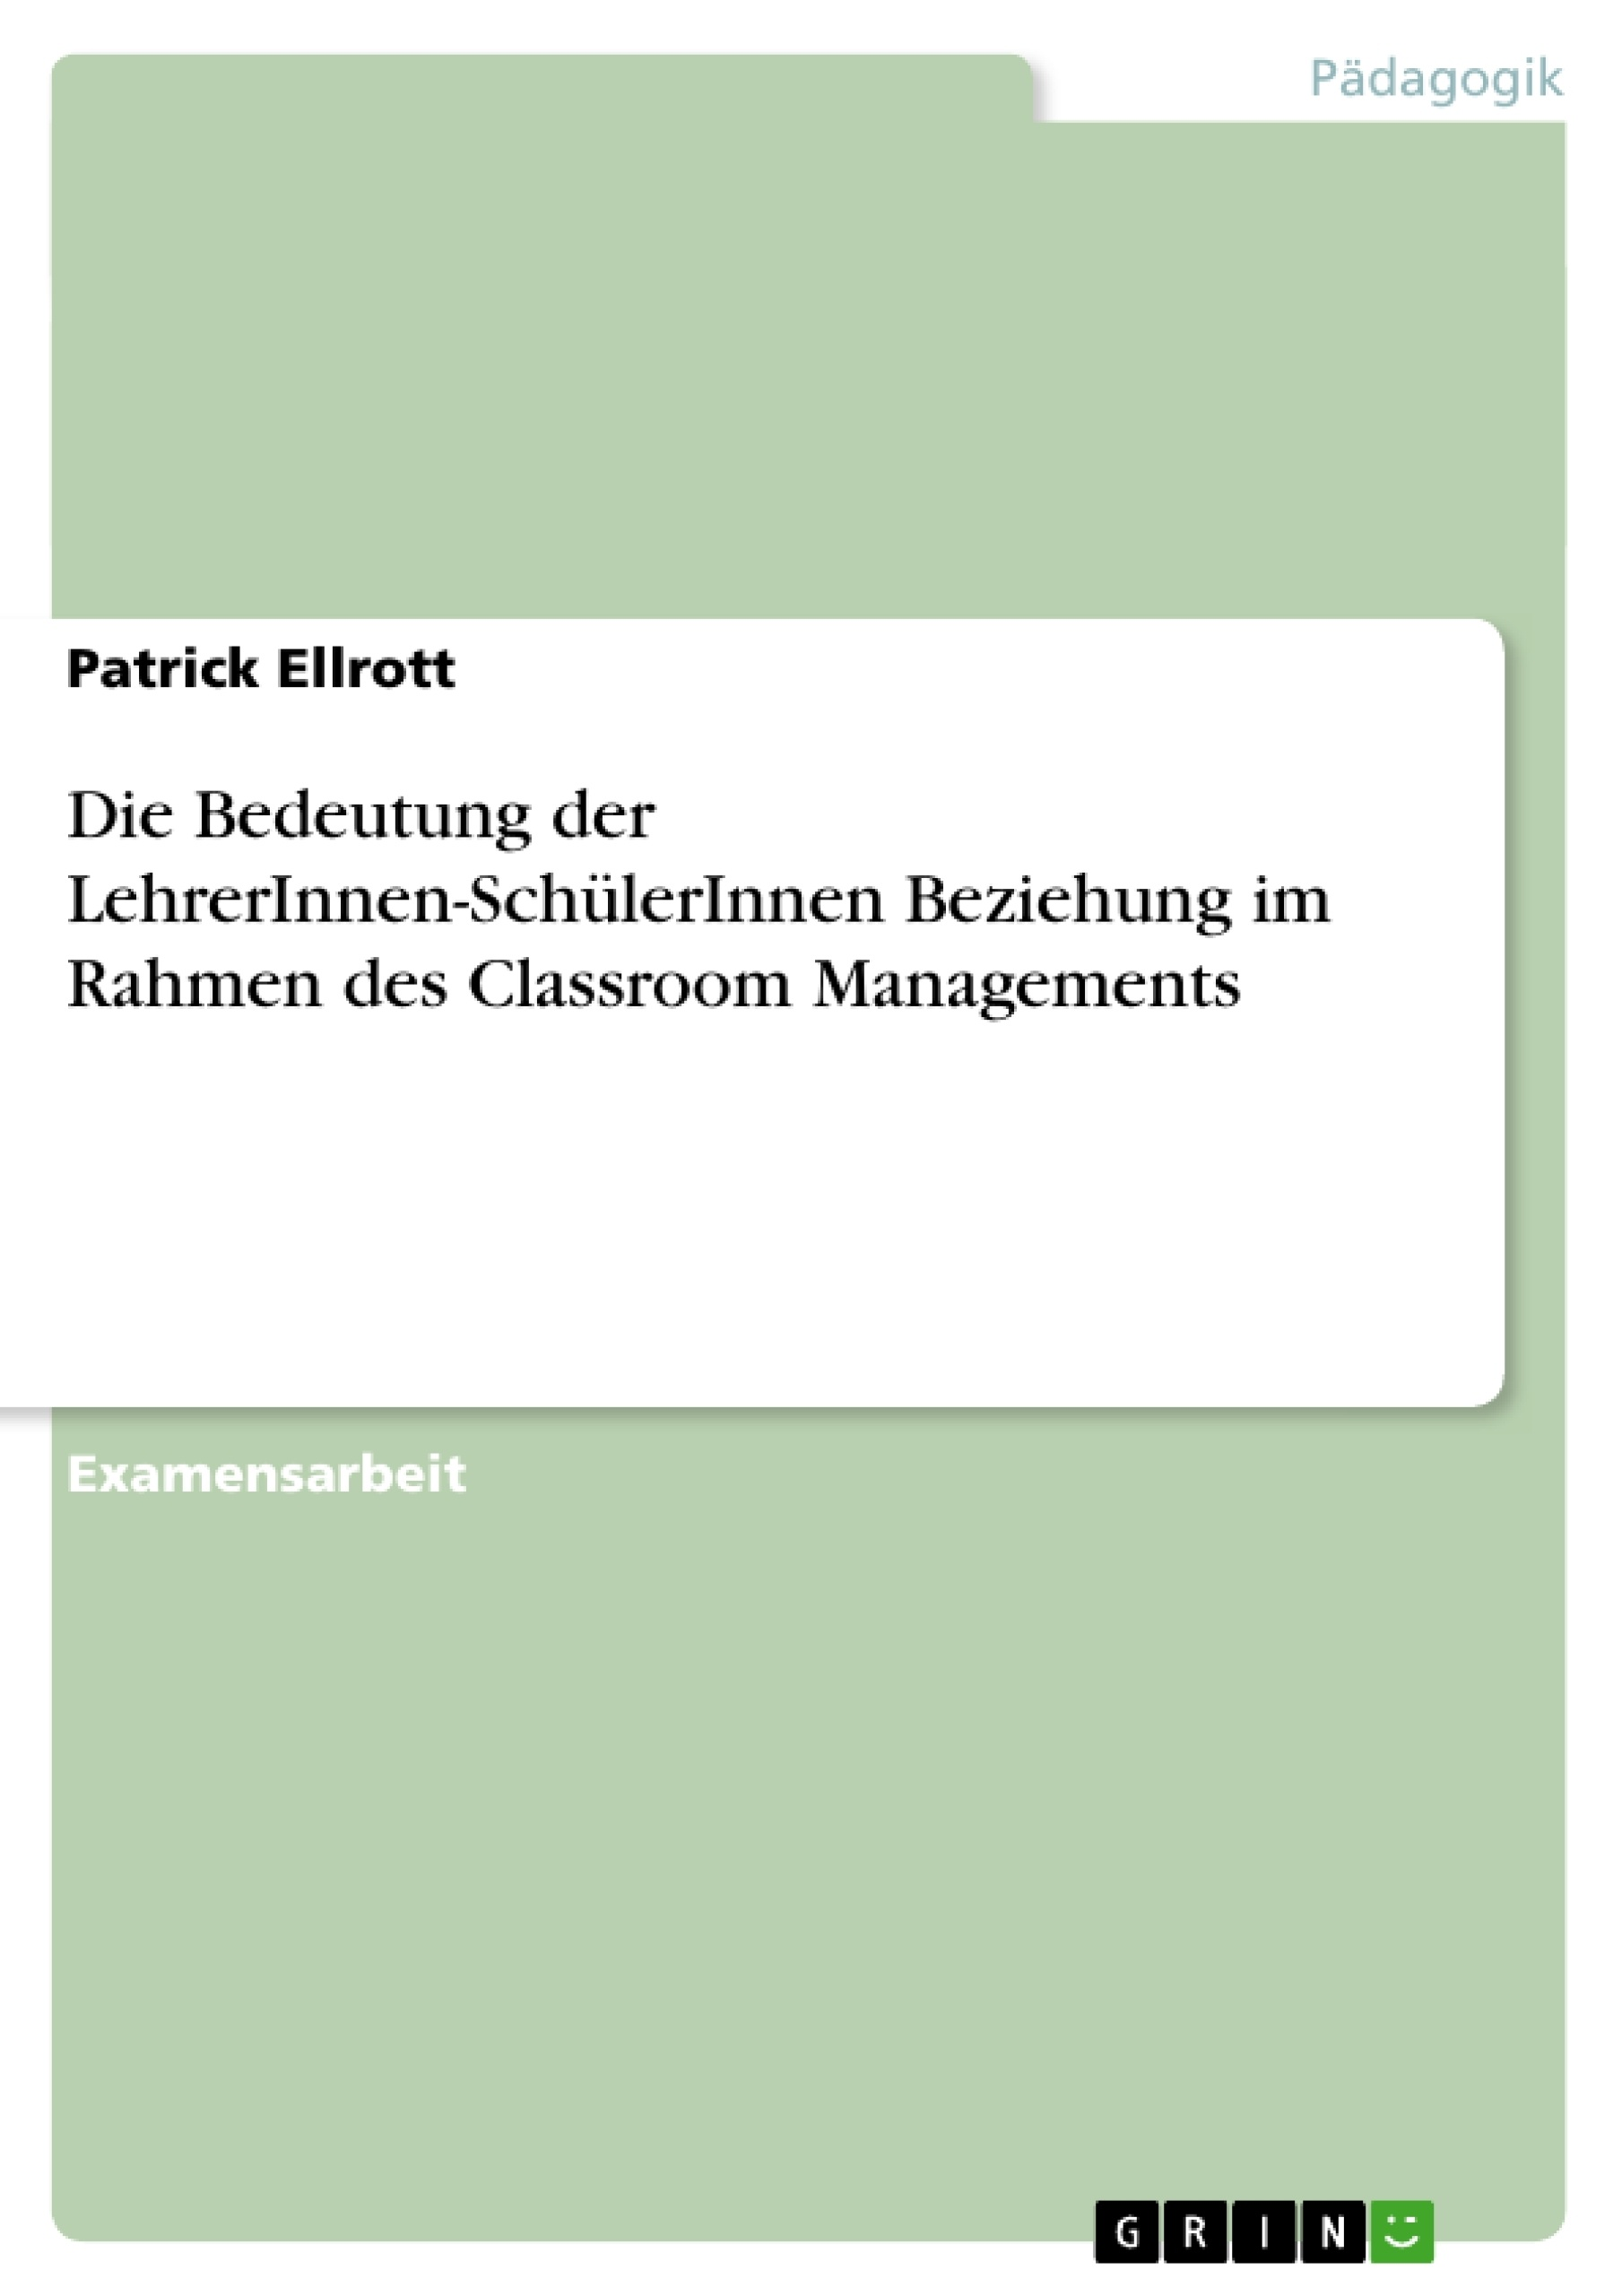 Titel: Die Bedeutung der LehrerInnen-SchülerInnen Beziehung im Rahmen des Classroom Managements